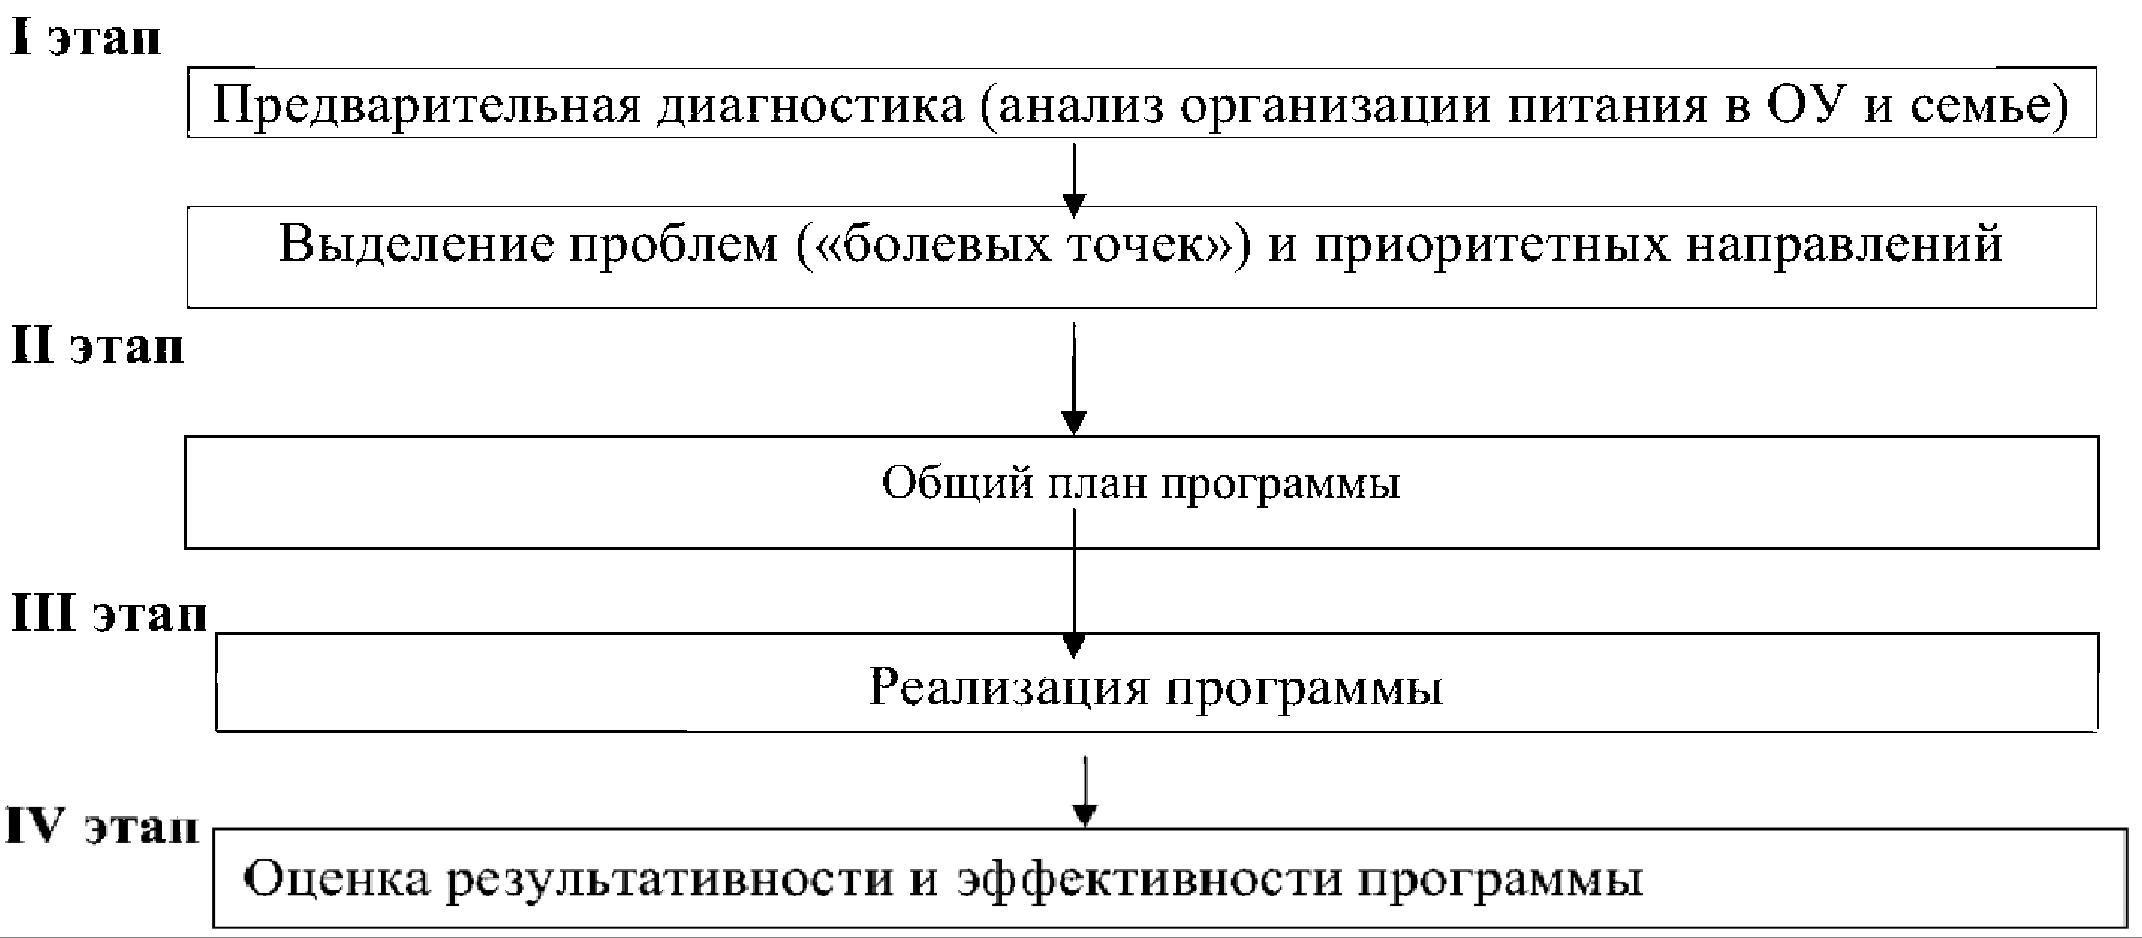 РИС. 1 К ПИСЬМУ МИНОБРНАУКИ РФ ОТ 12.04.2021 N 06-731